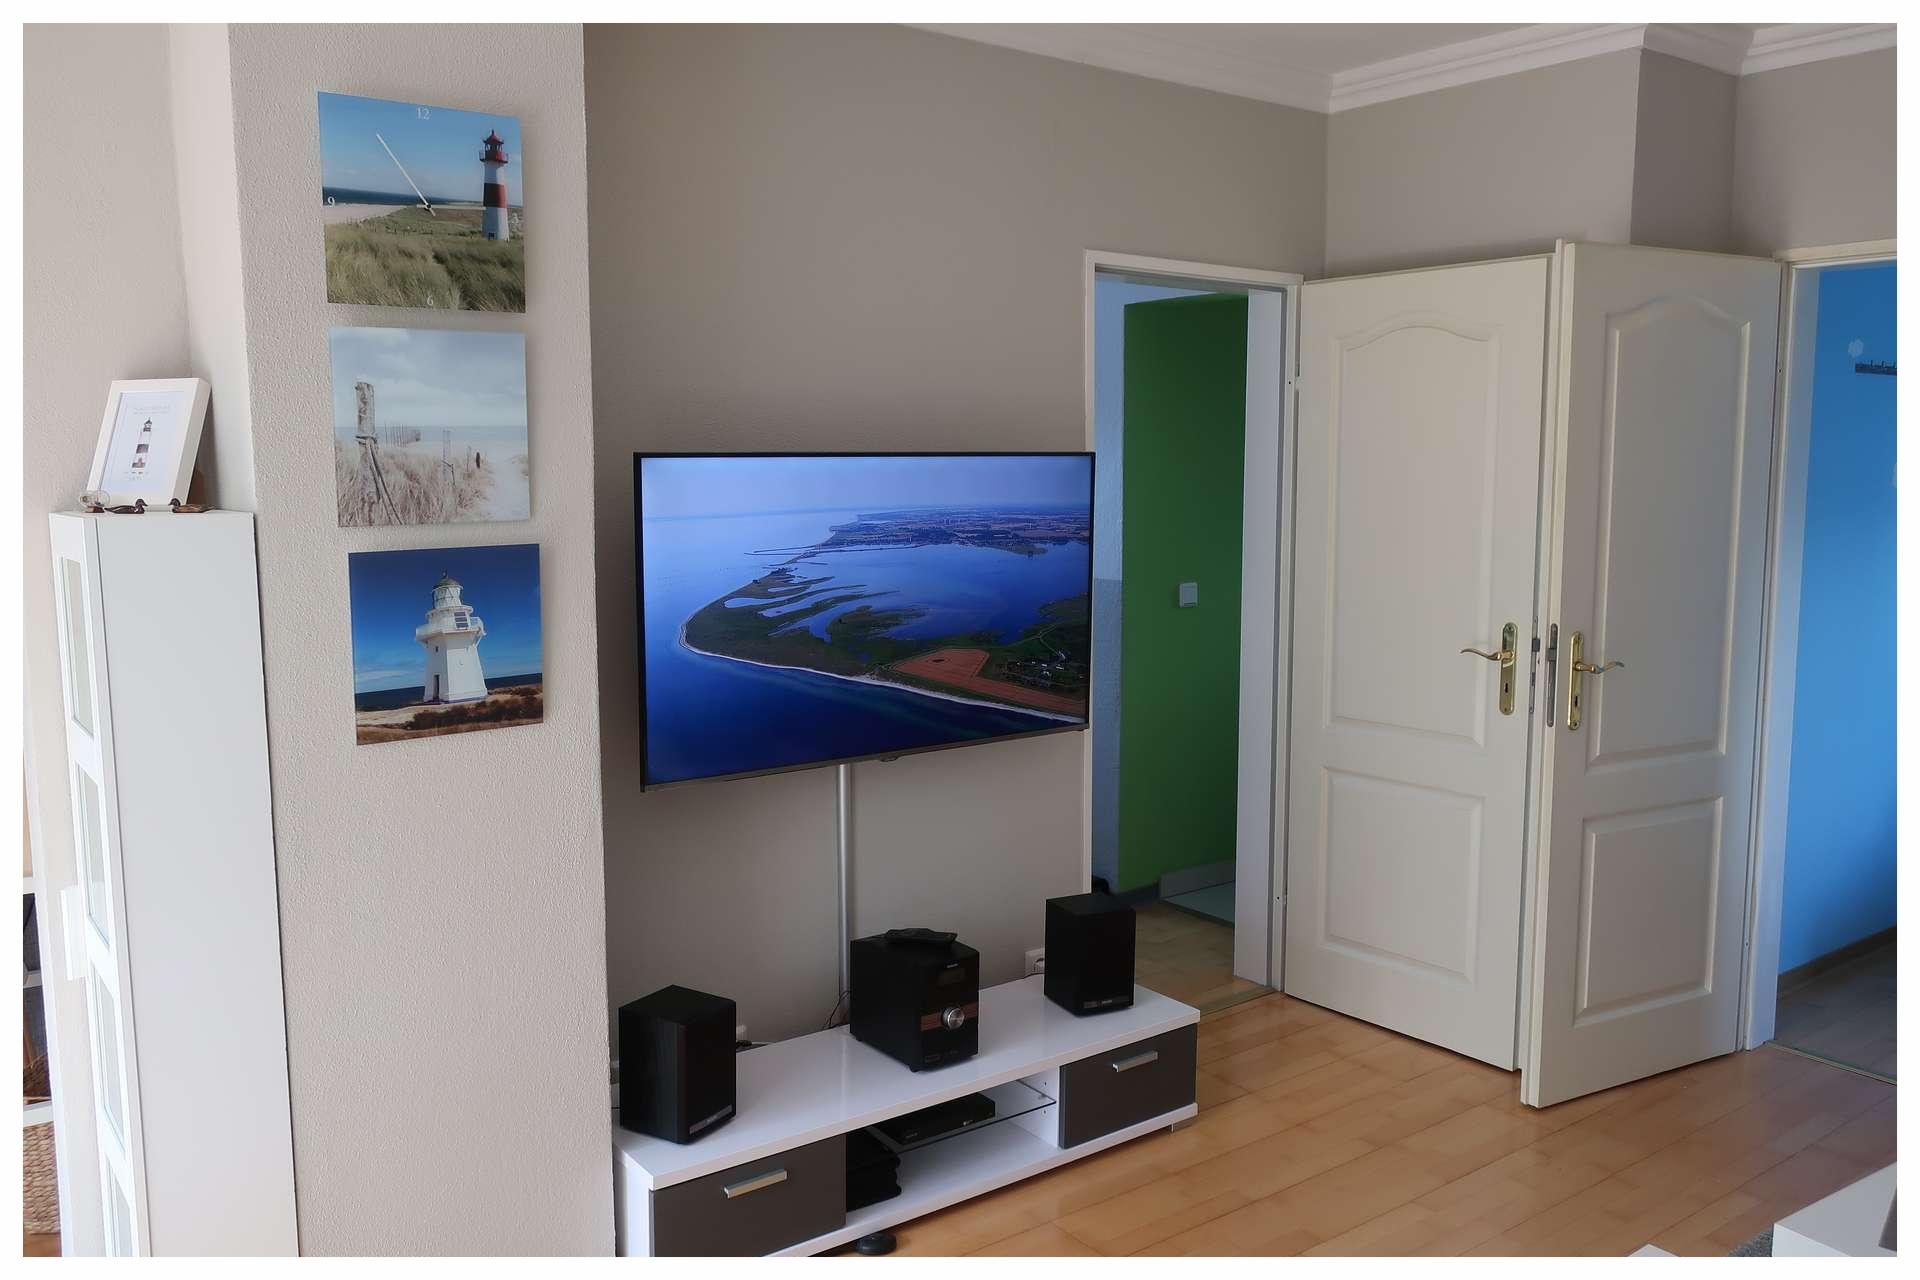 LCD Fernseher im oberen Wohnbereich